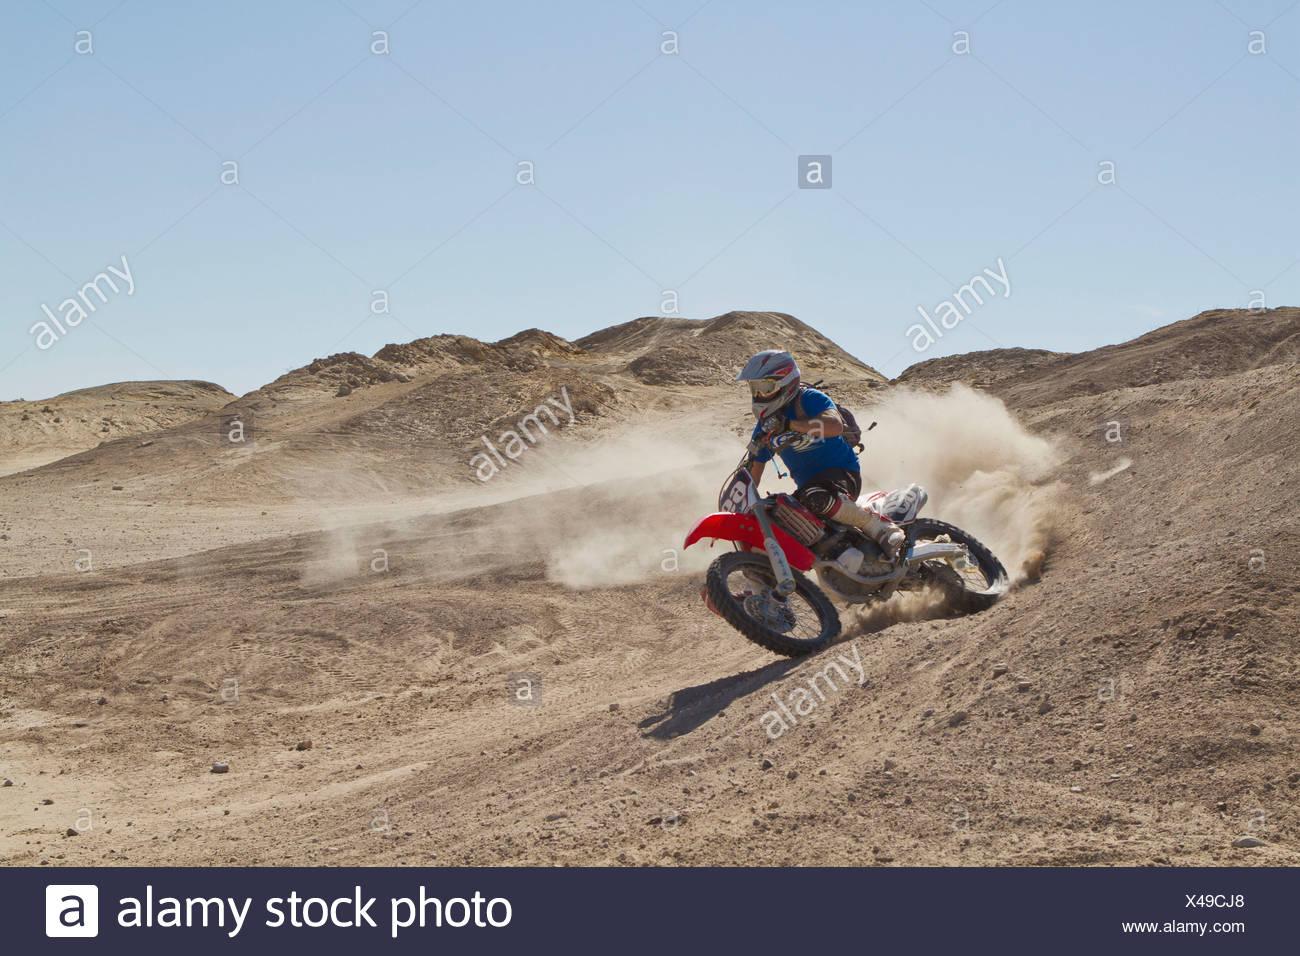 USA, California, Motocrosser performing power slide on Palm Desert - Stock Image